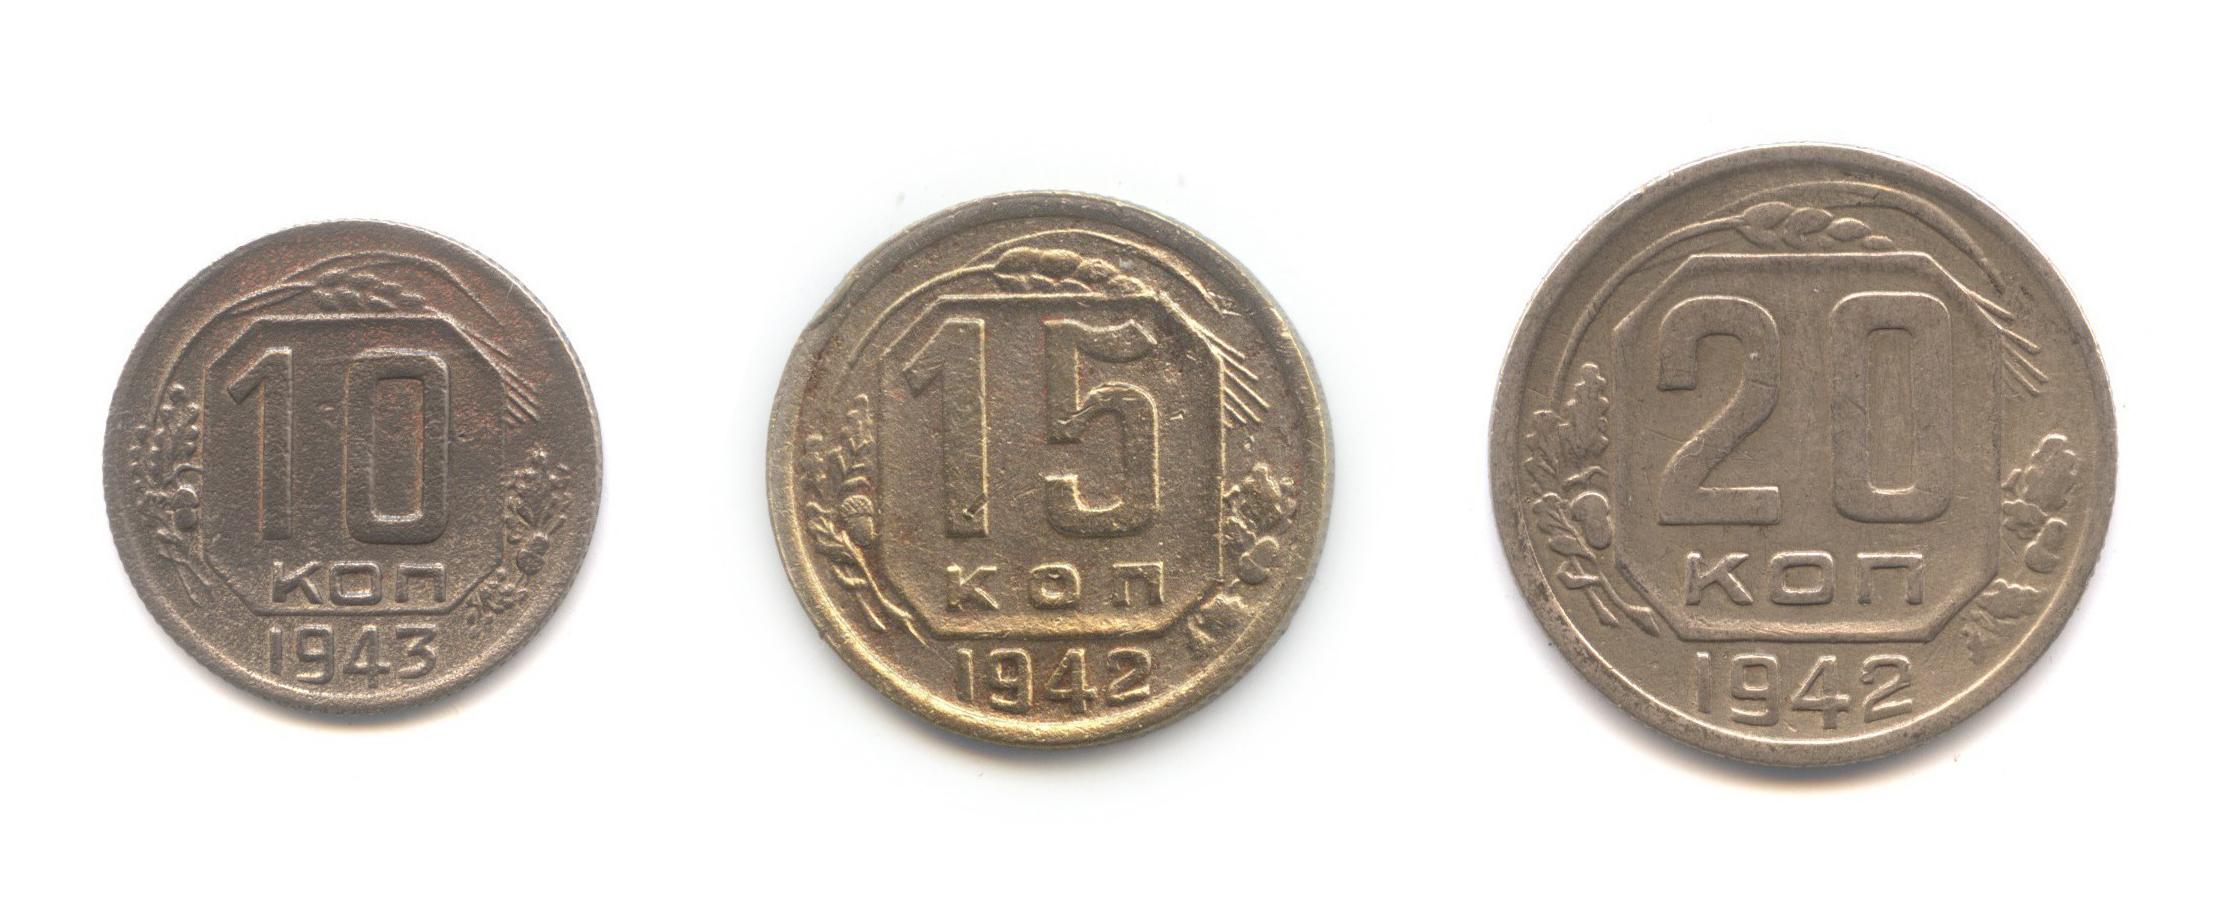 Выпуск монет СССР в годы Великой Отечественной войны